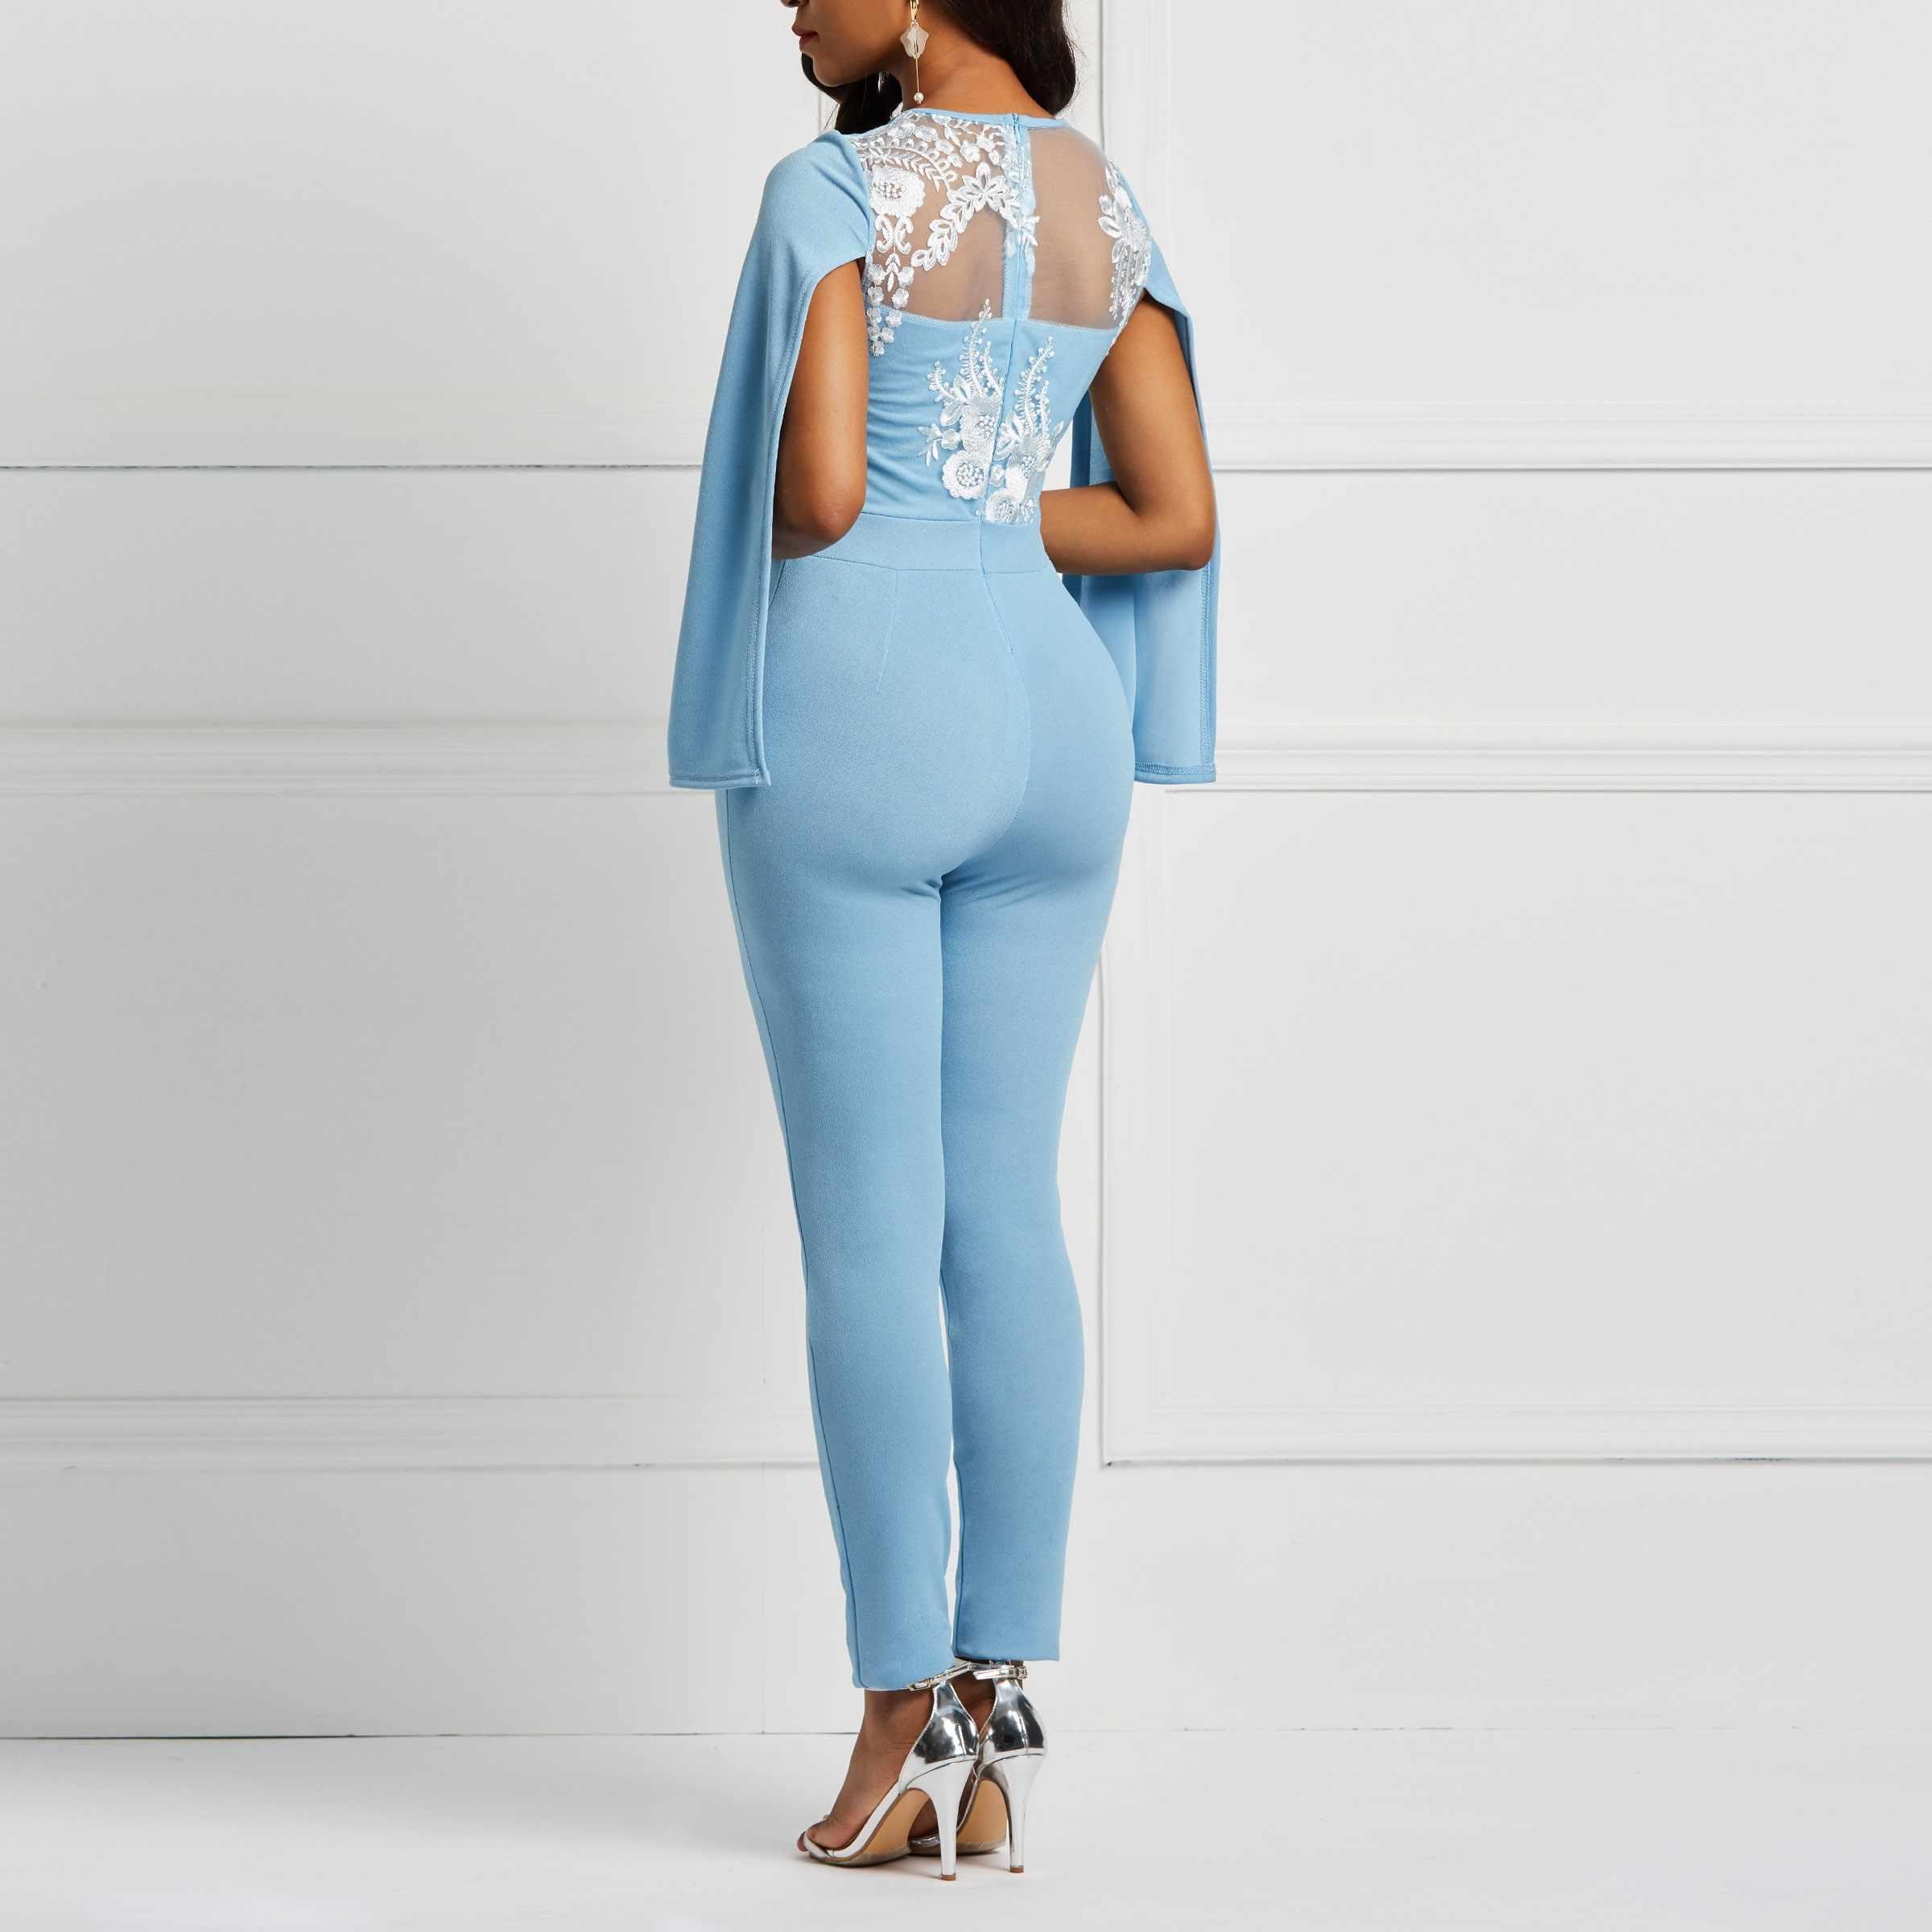 Женский комбинезон с цветным узором небесно-голубого цвета на весну и лето с кружевной вышивкой и открытой спиной, офисный Женский Длинный комбинезон-шаровары